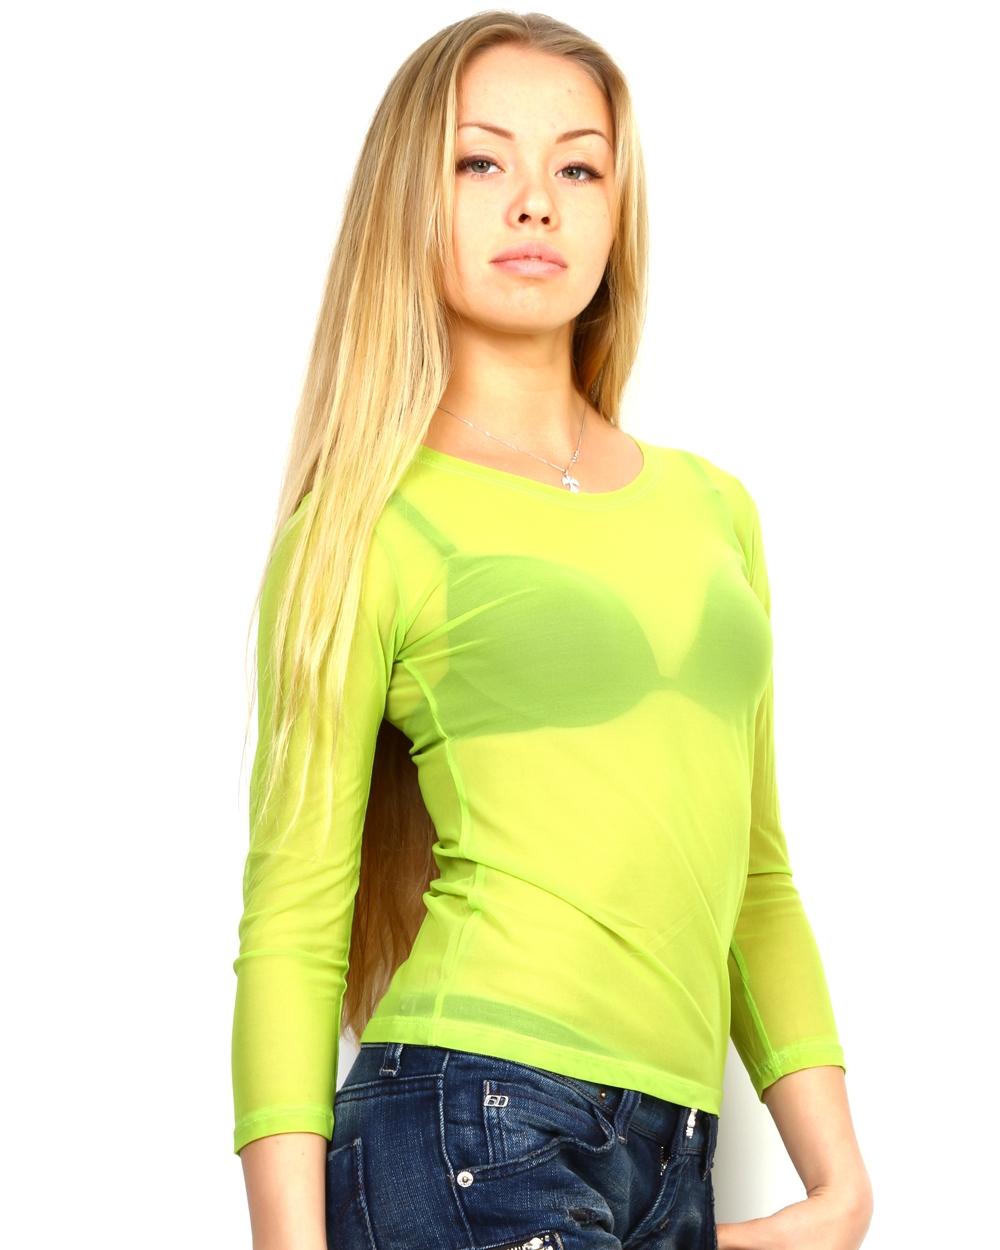 Секретарша в зеленом свитере 6 фотография